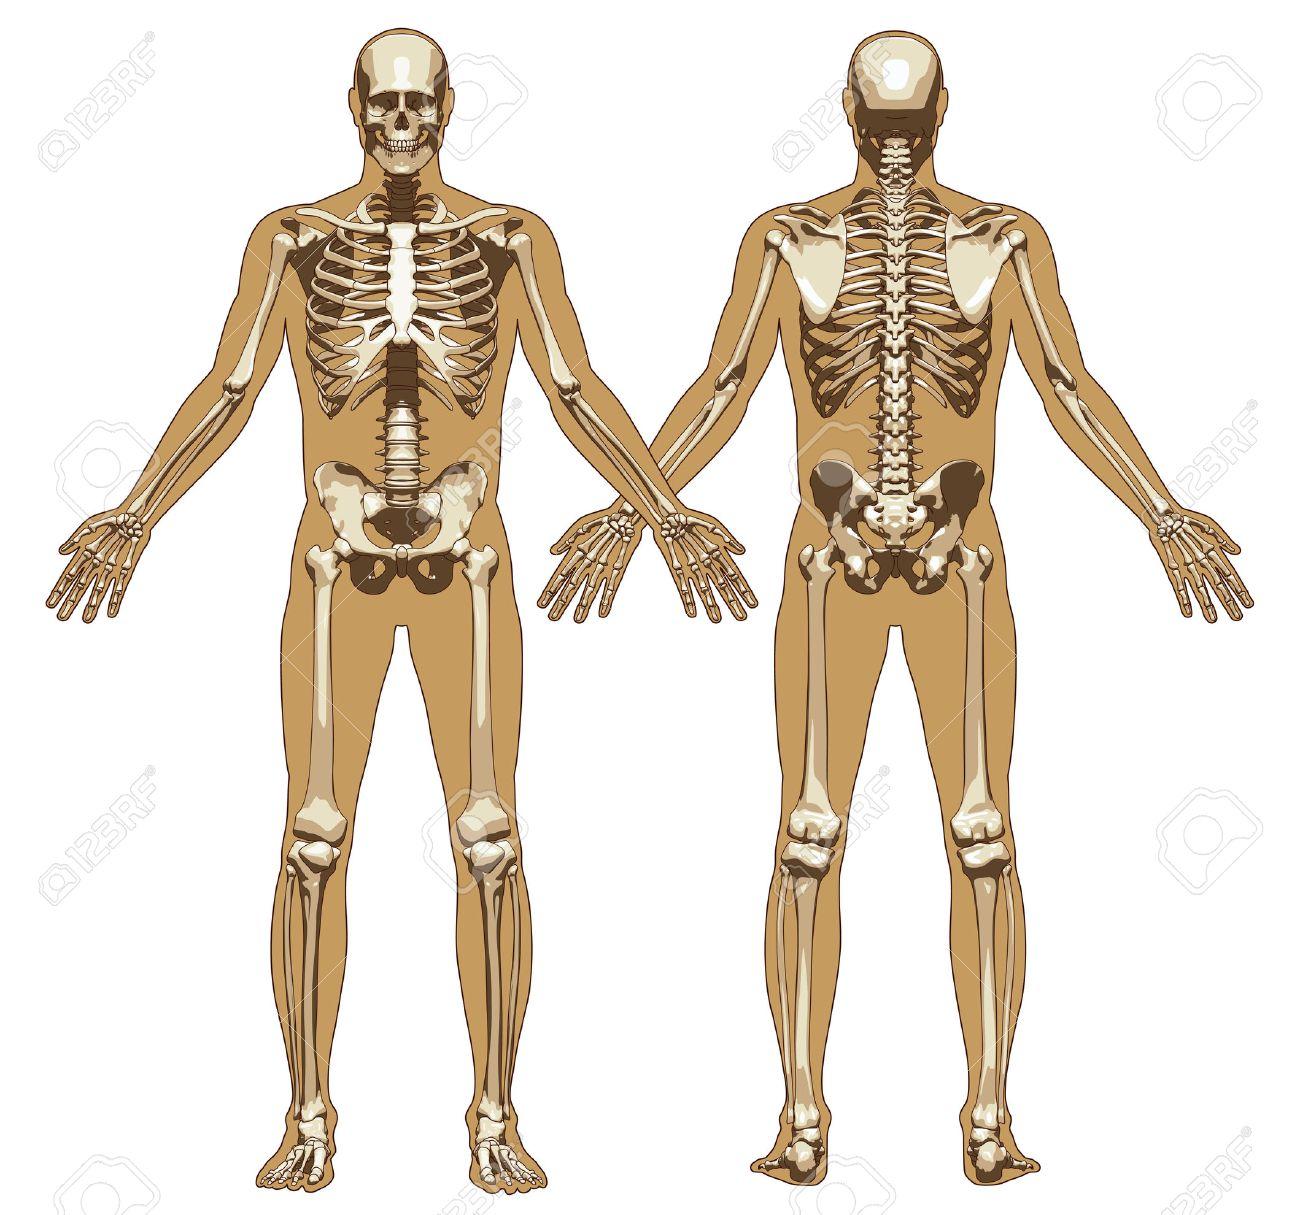 Esqueleto Humano En El Fondo Cuerpo Plano. Vista Frontal Y Posterior ...